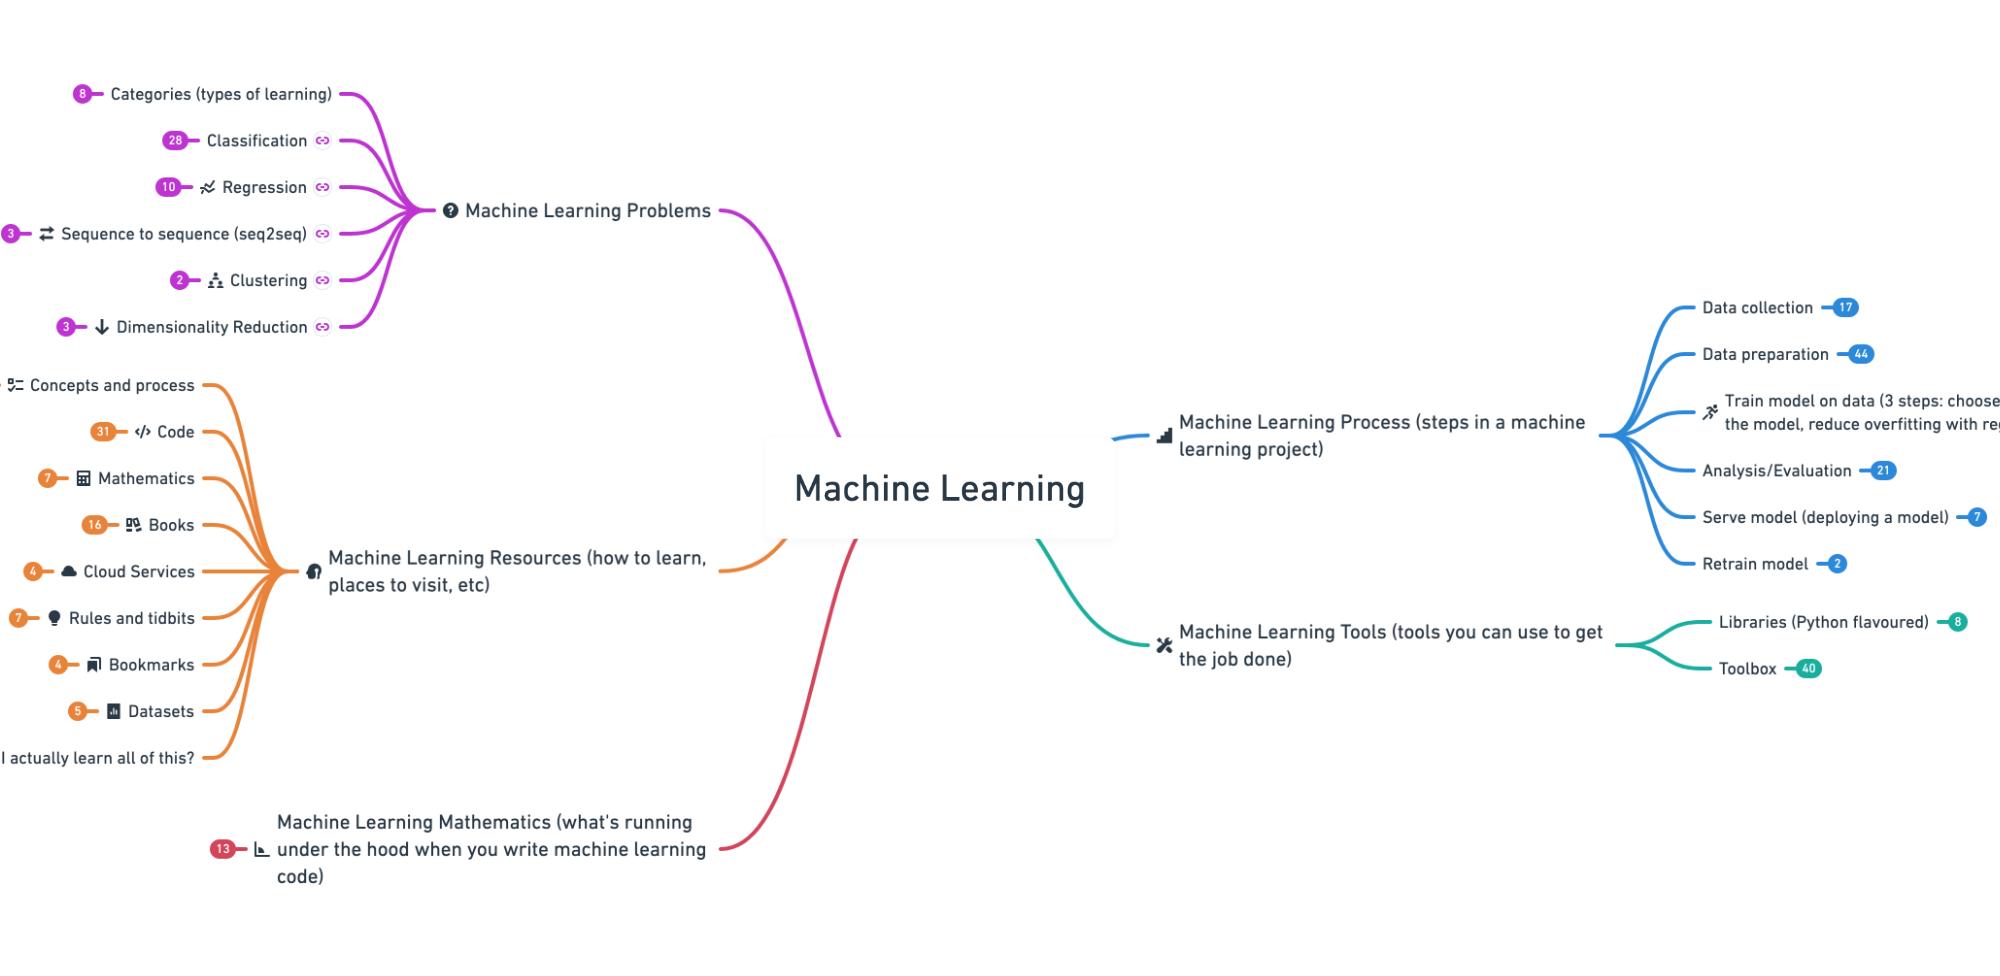 Machine learning Roadmap,by Daniel Bourke